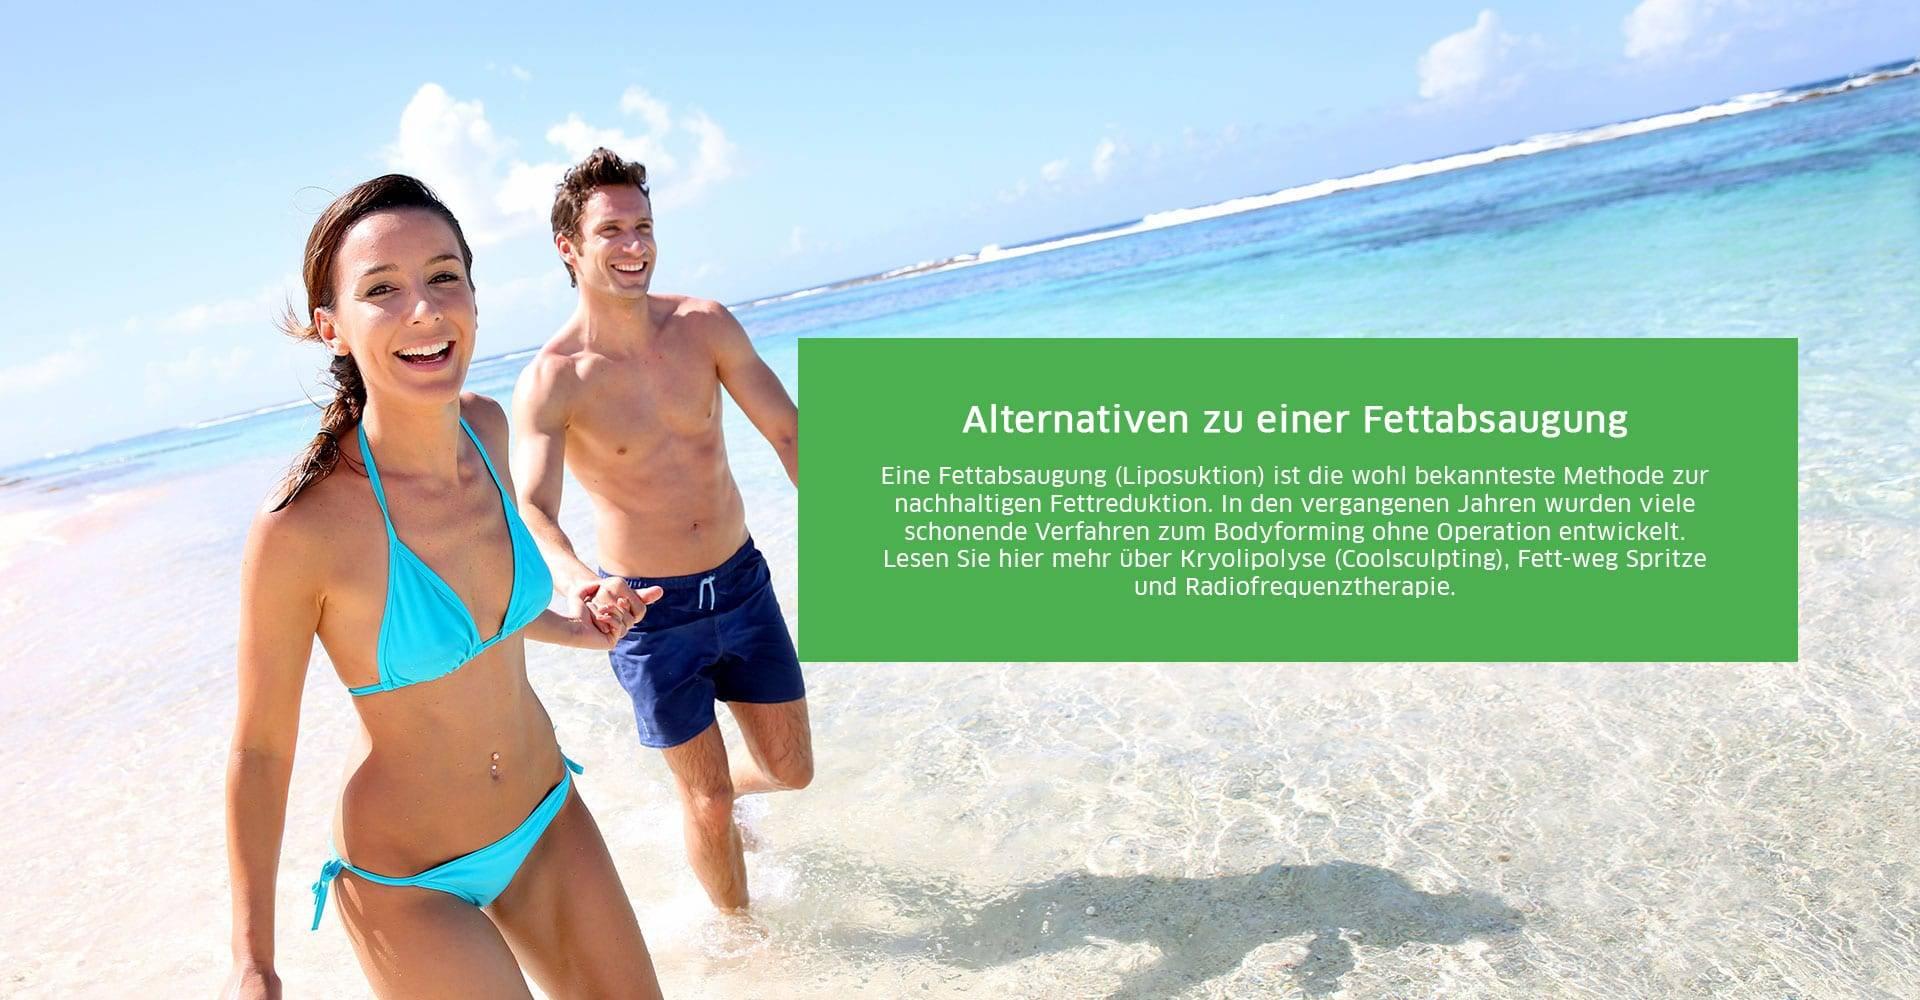 fettabsaugung_doppelkinn_muenchenn_alternative_behandlungen